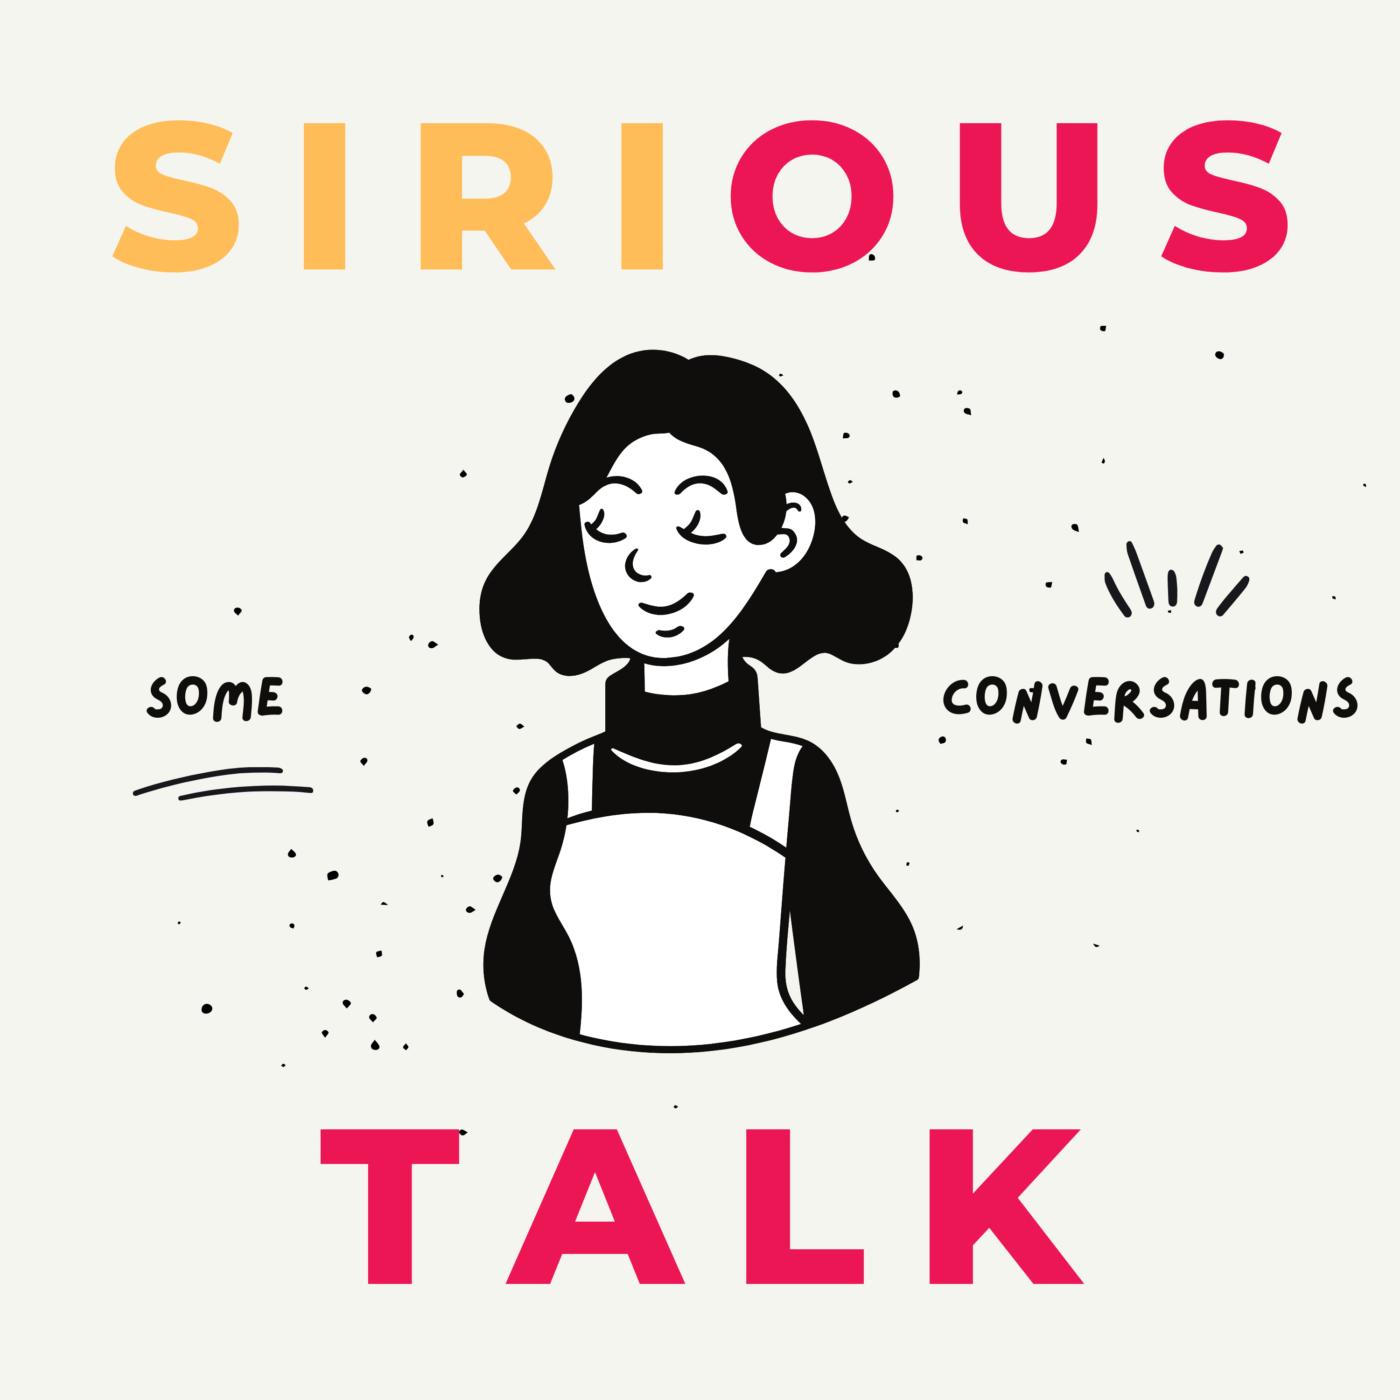 Sirious Talk